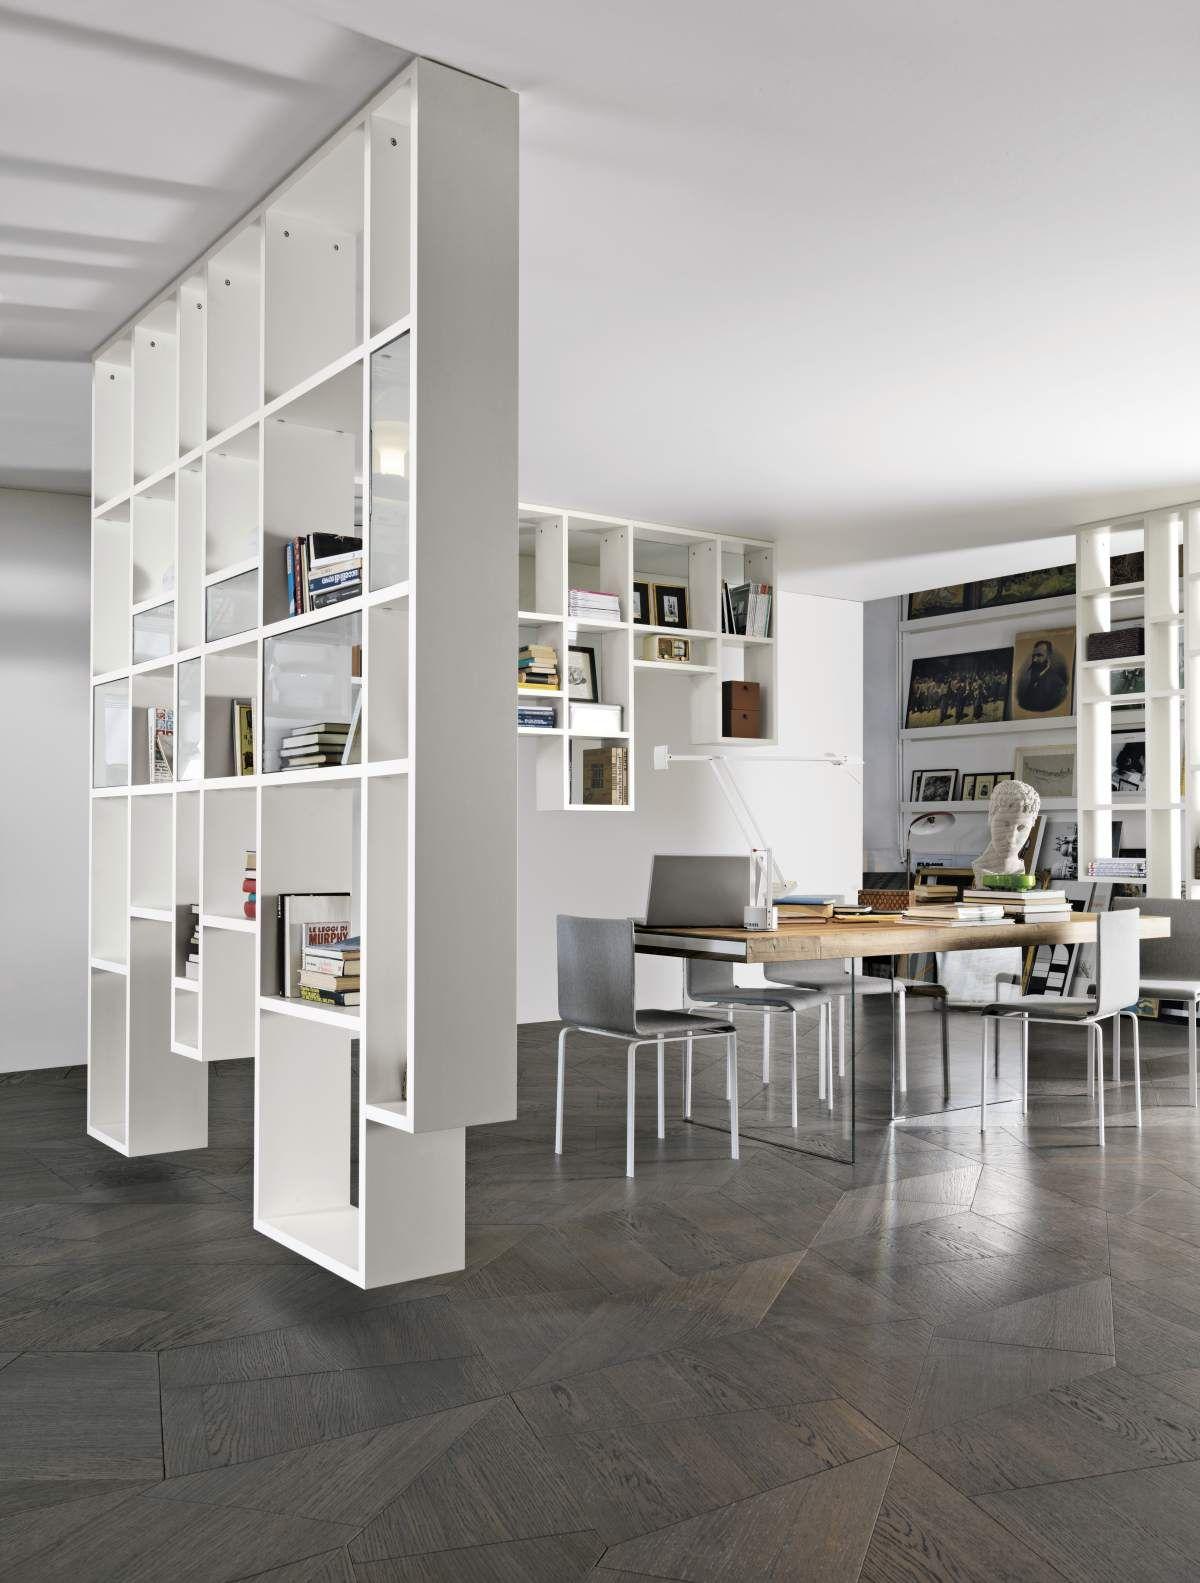 Salotto Con Parquet E Libreria A Muro Interior Design : Mm weightless by daniele lago livingroom pinterest